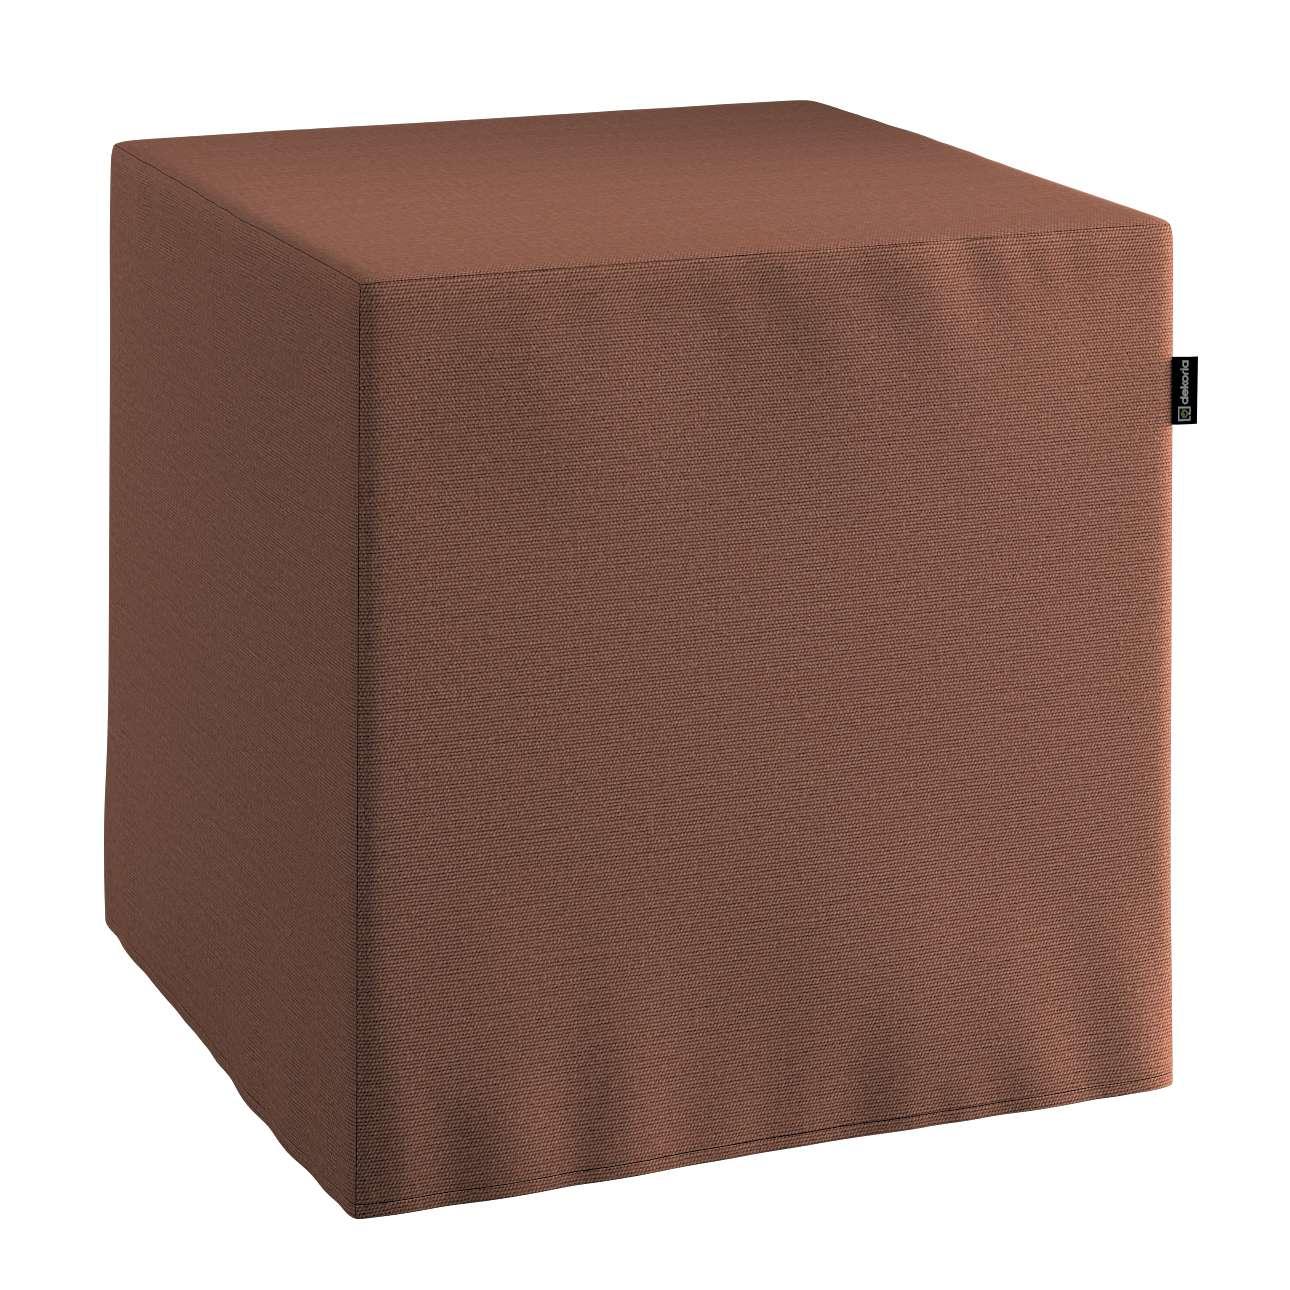 Sedák kostka - pevná 40x40x40 v kolekci Loneta, látka: 133-09